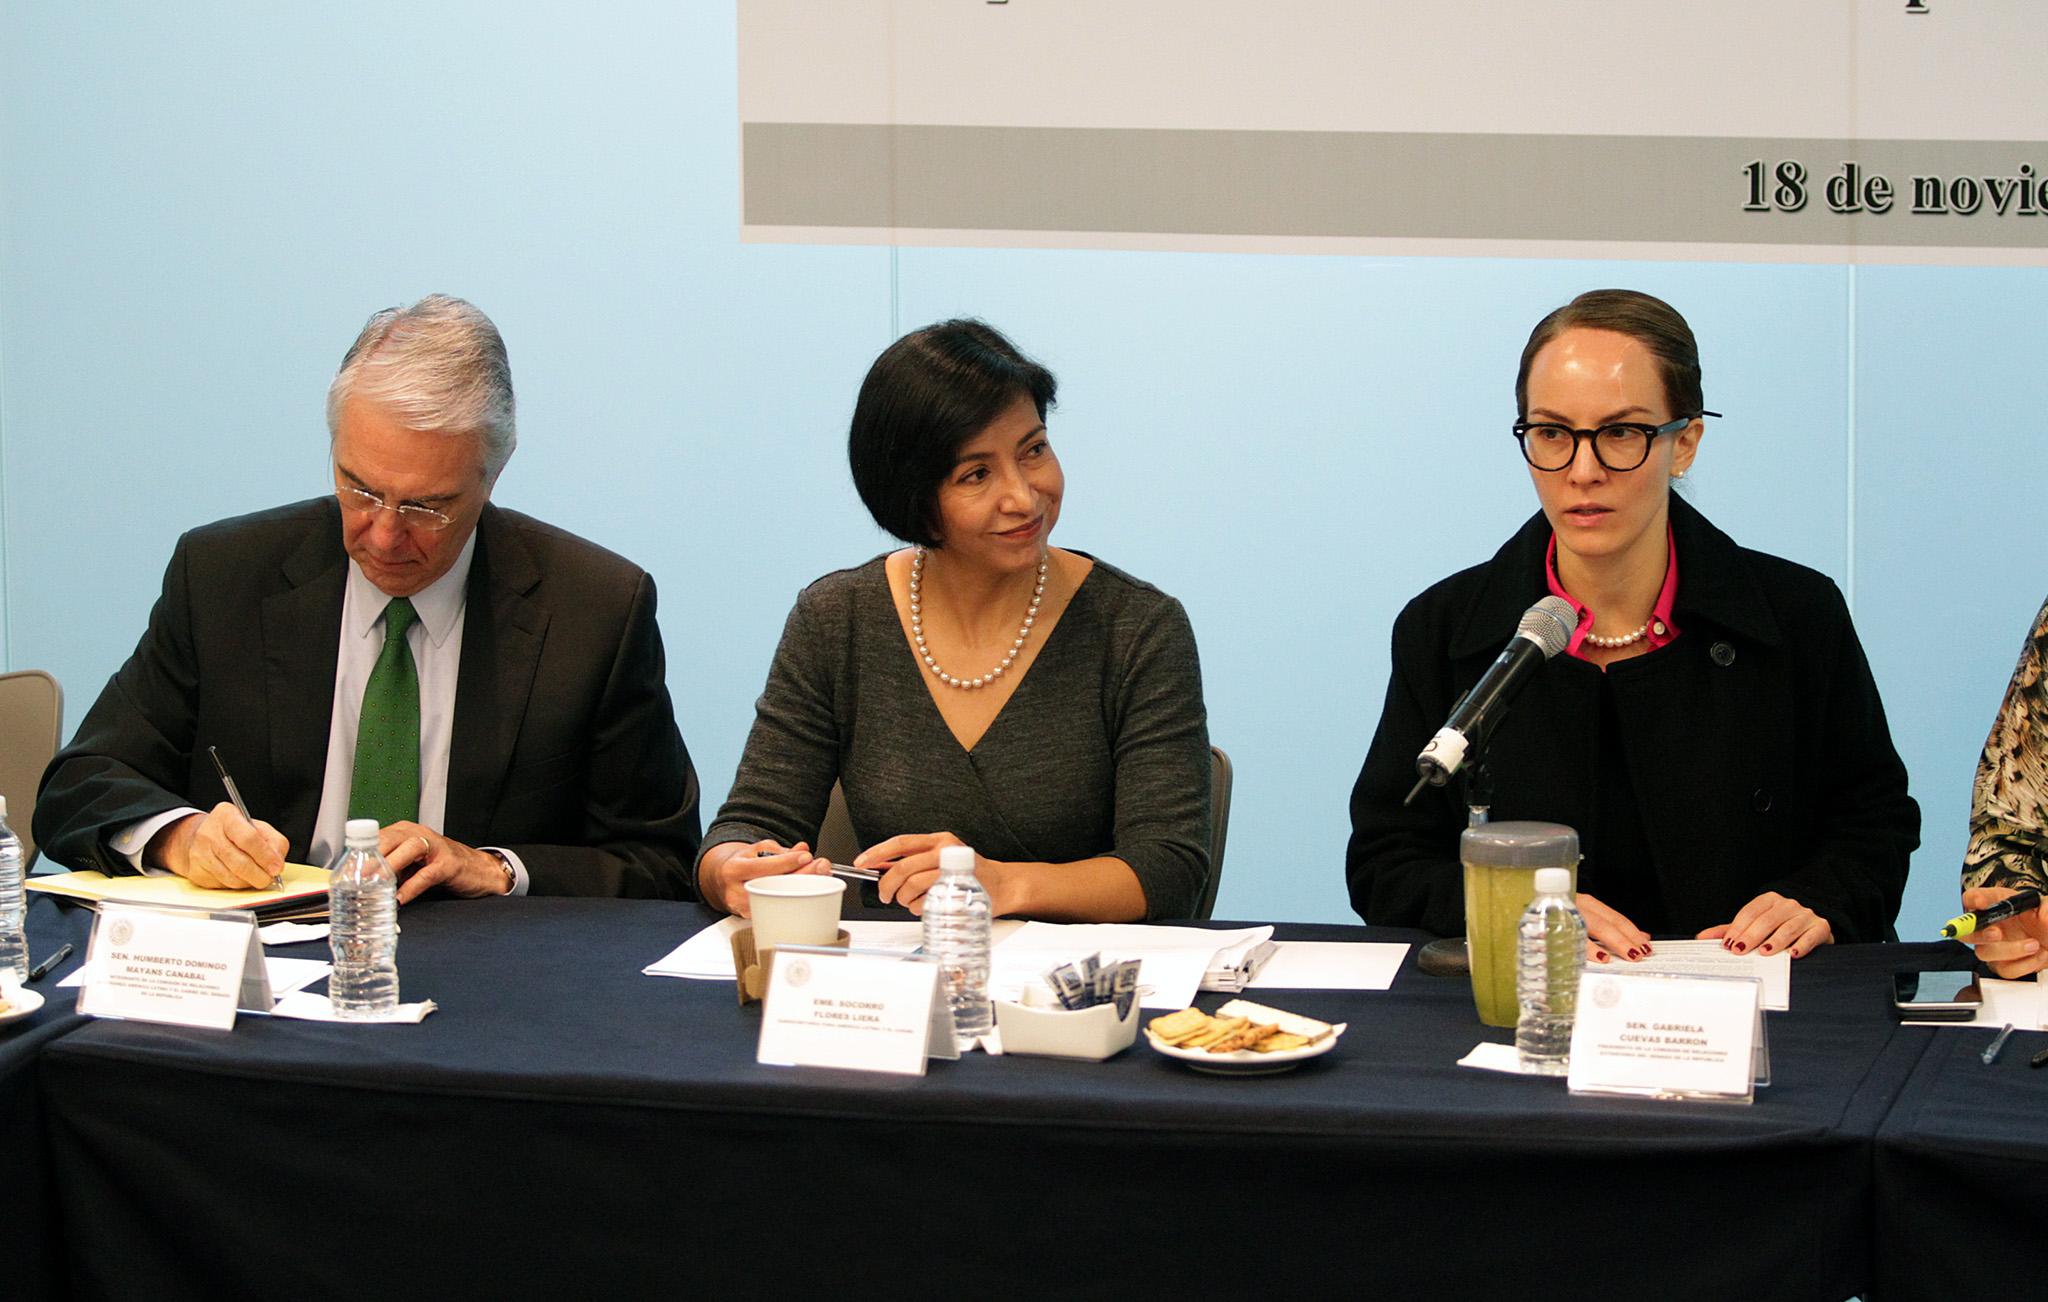 FOTO 2 Subsecretaria para Am rica Latina y el Caribe  Embajadora Socorro Flores Liera  compareci  ante las Comisiones Unidas de Relaciones Exteriores del Senadojpg